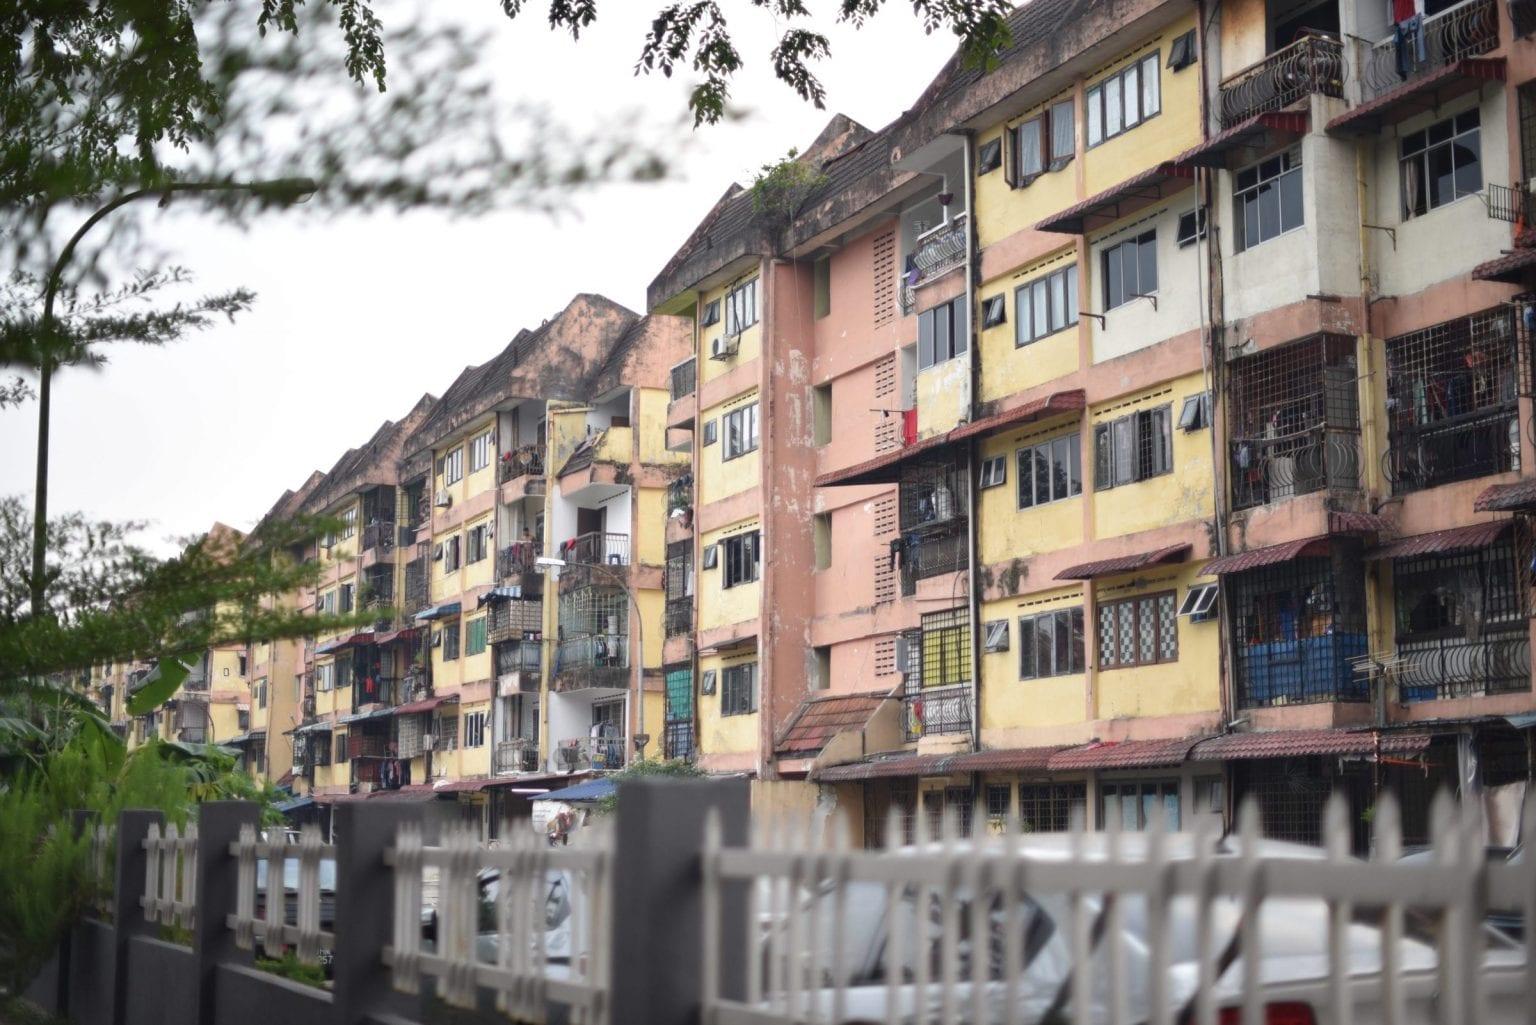 Migrantarbejderes hostels i udkanten af Kuala Lumpur. Husene her er i en nogen anden tilstand end bygningerne i downtown Kuala Lumpur.